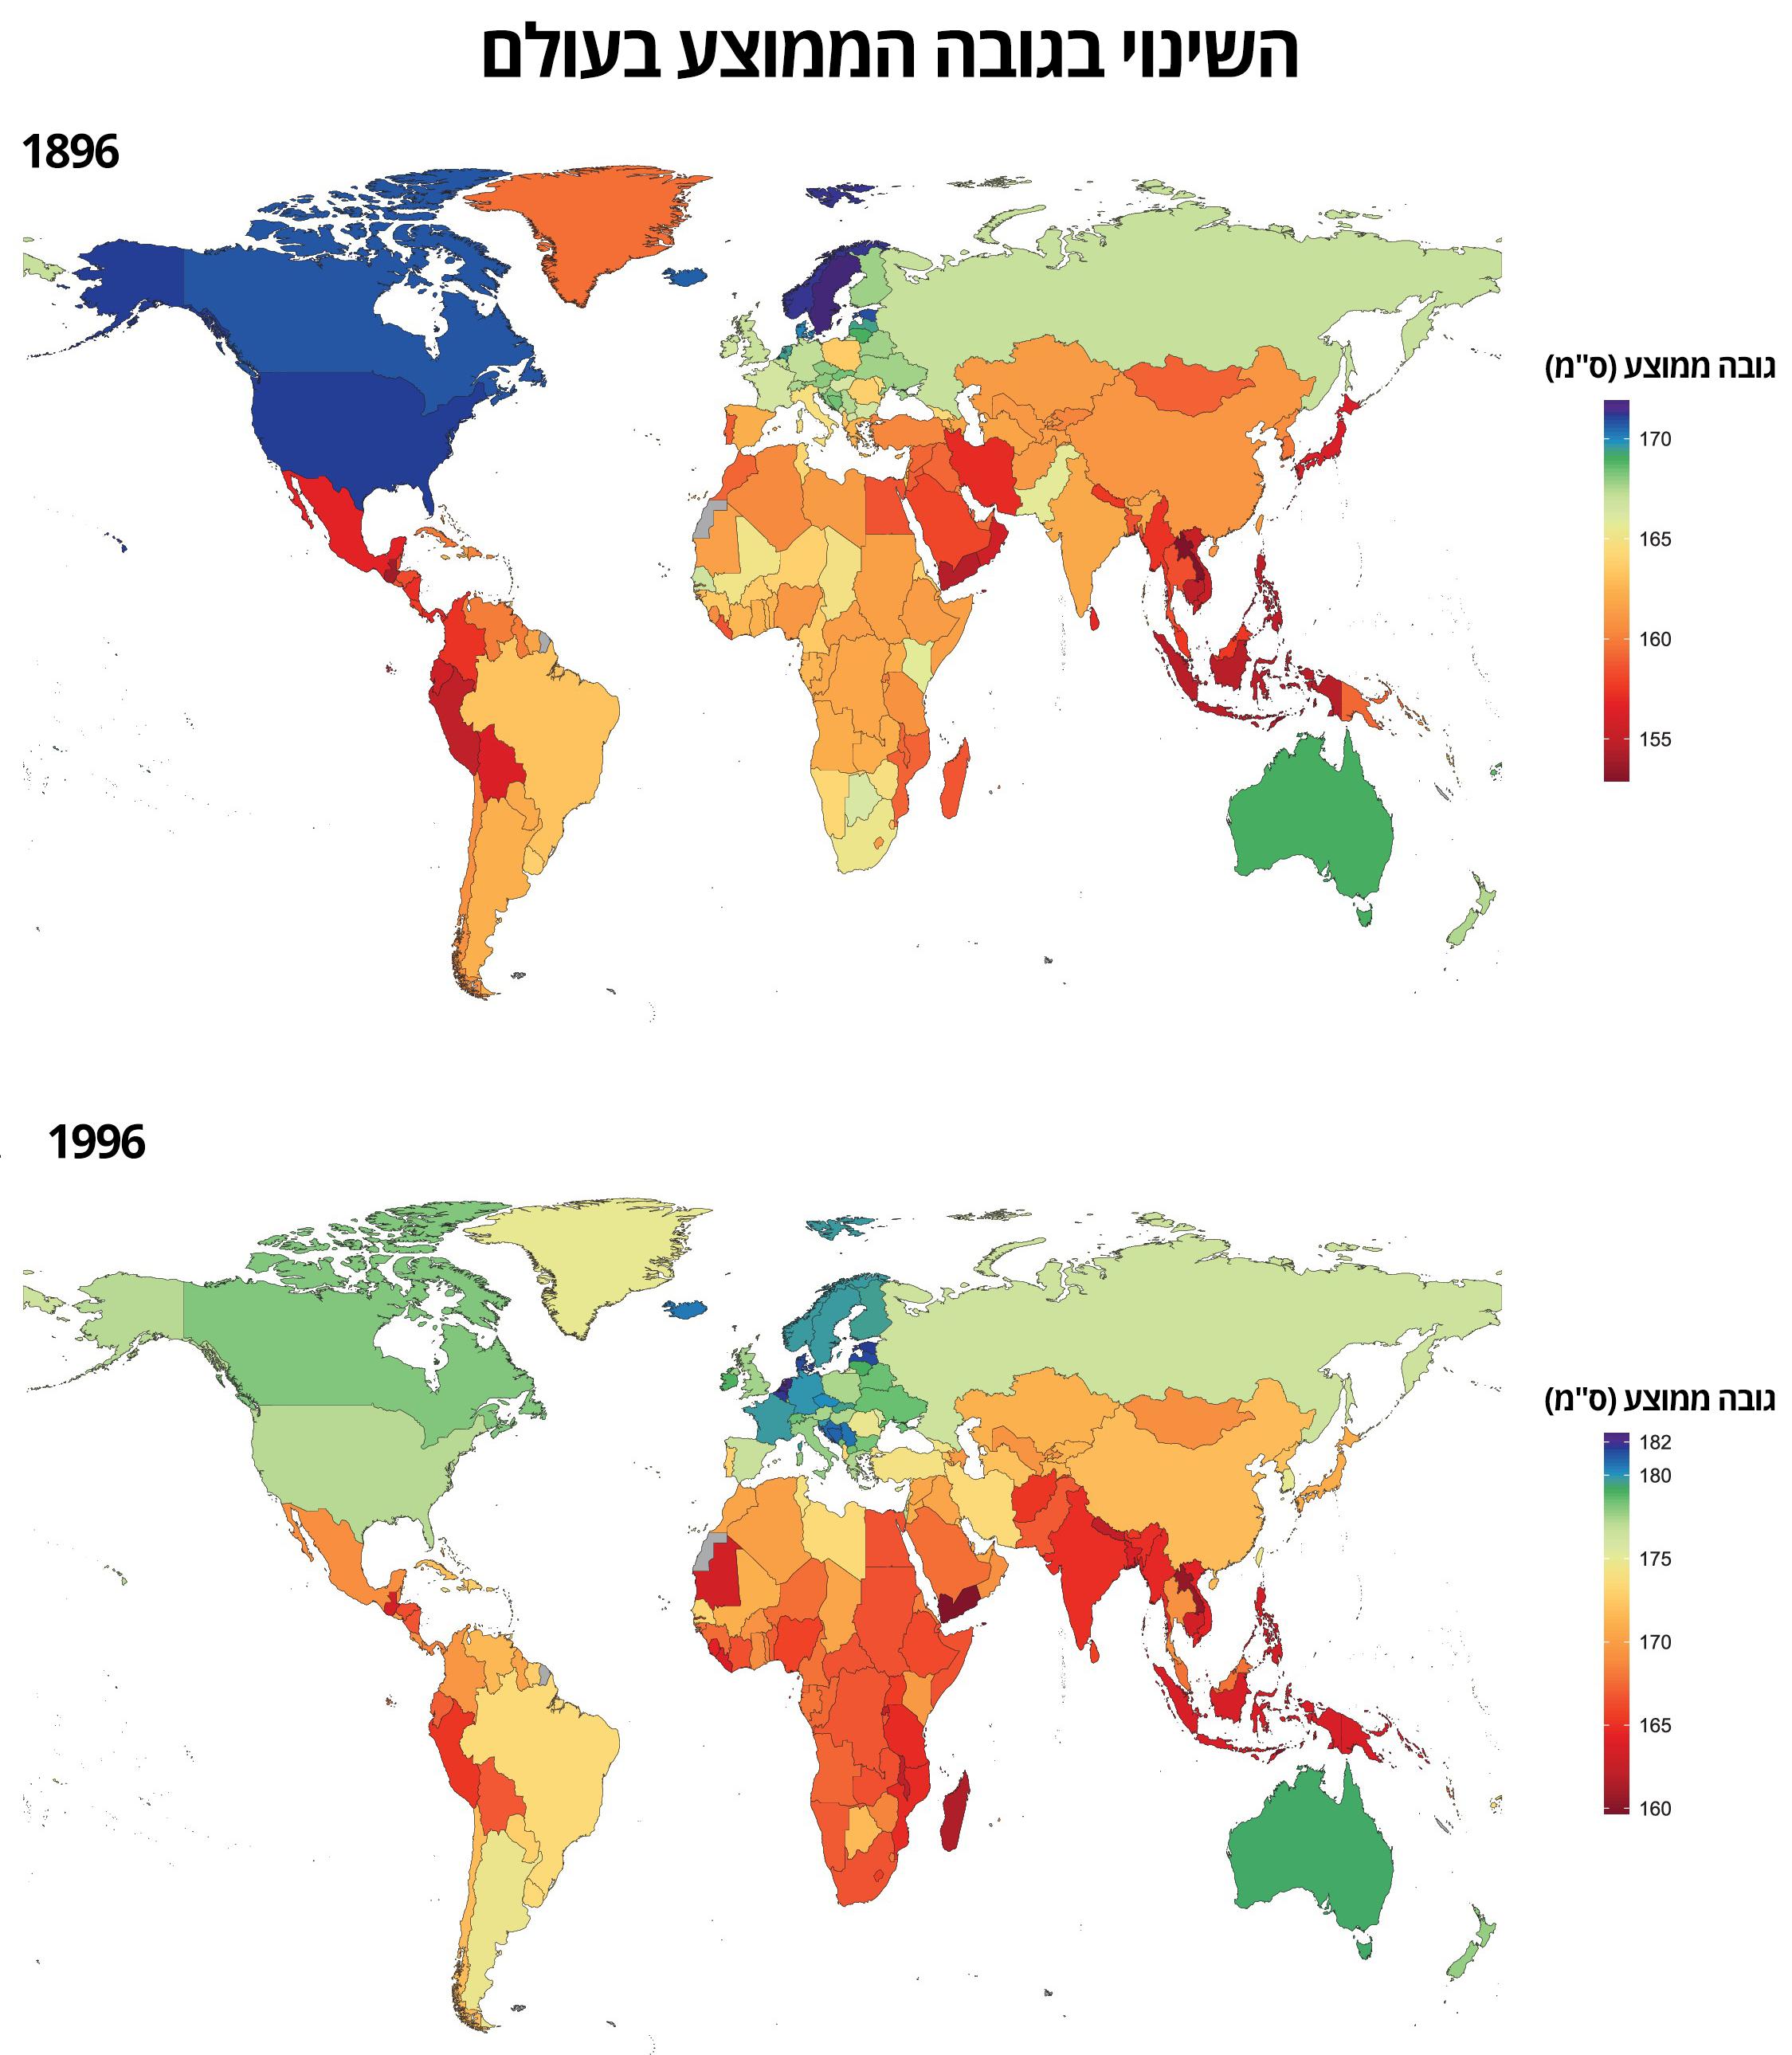 שינויי הגובה העולמיים במאה השנים האחרונות. ישראל ממוקמת איפשהו באמצע ( )